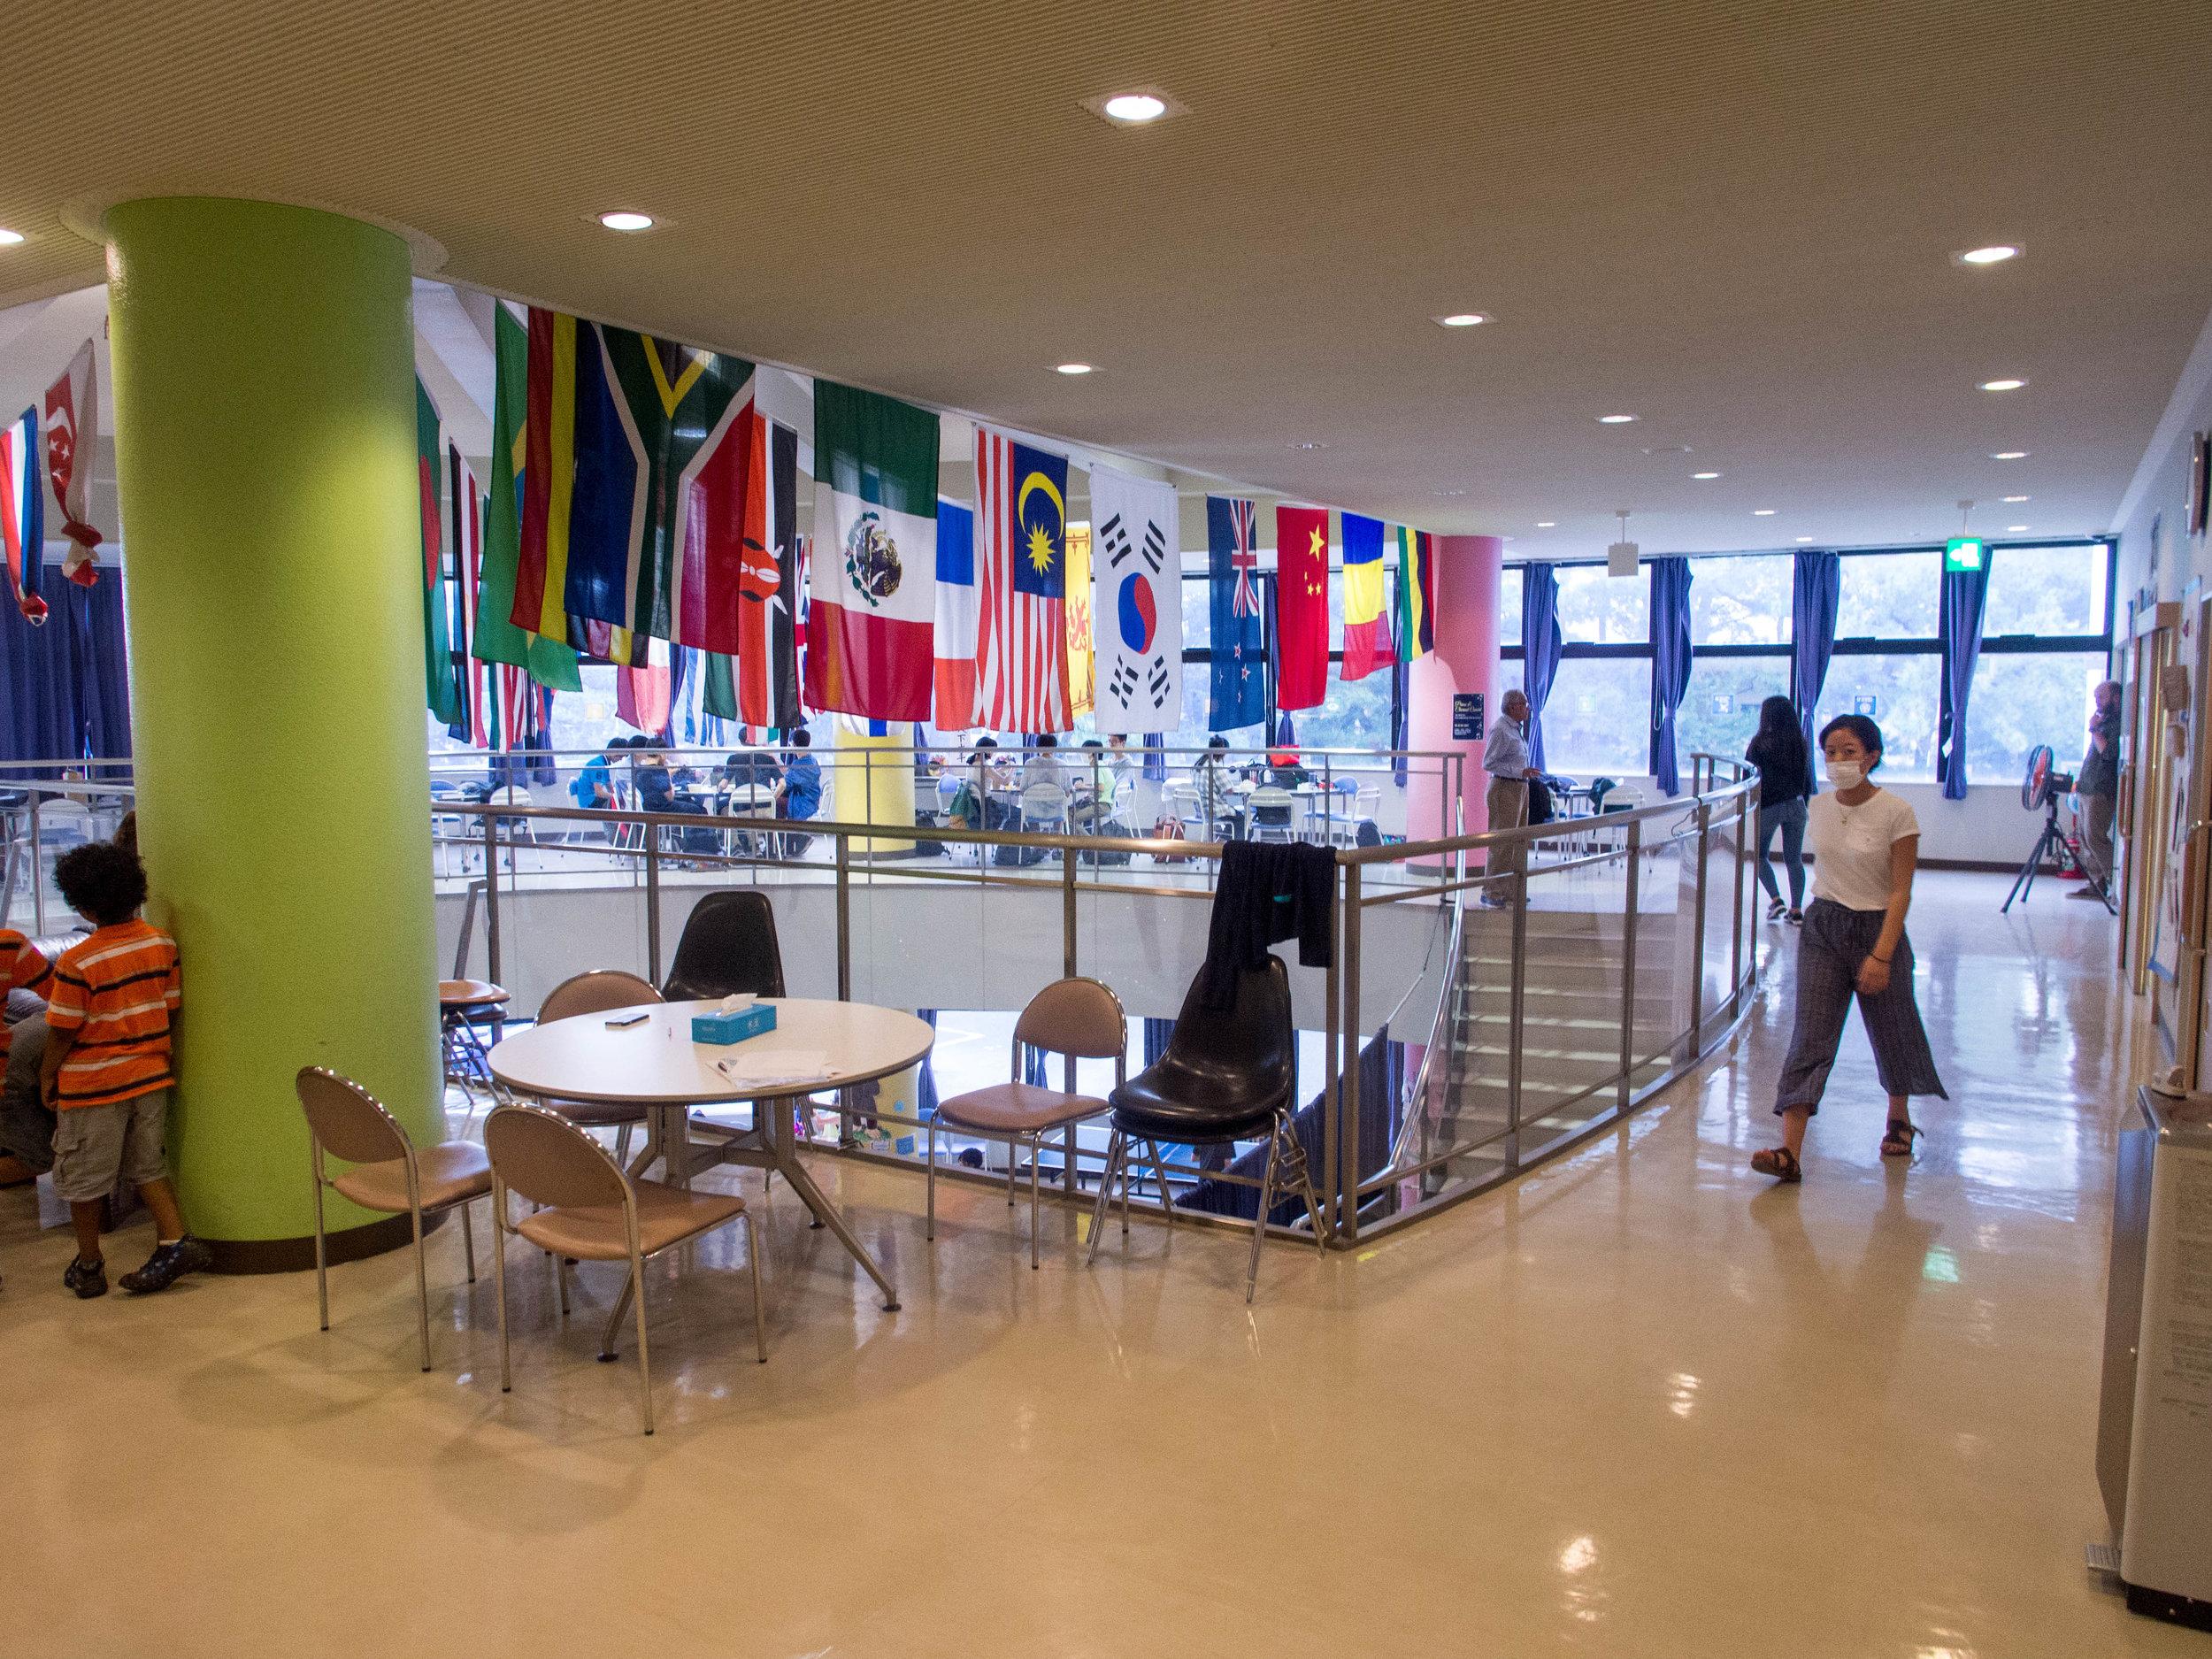 facilities-6070033.jpg